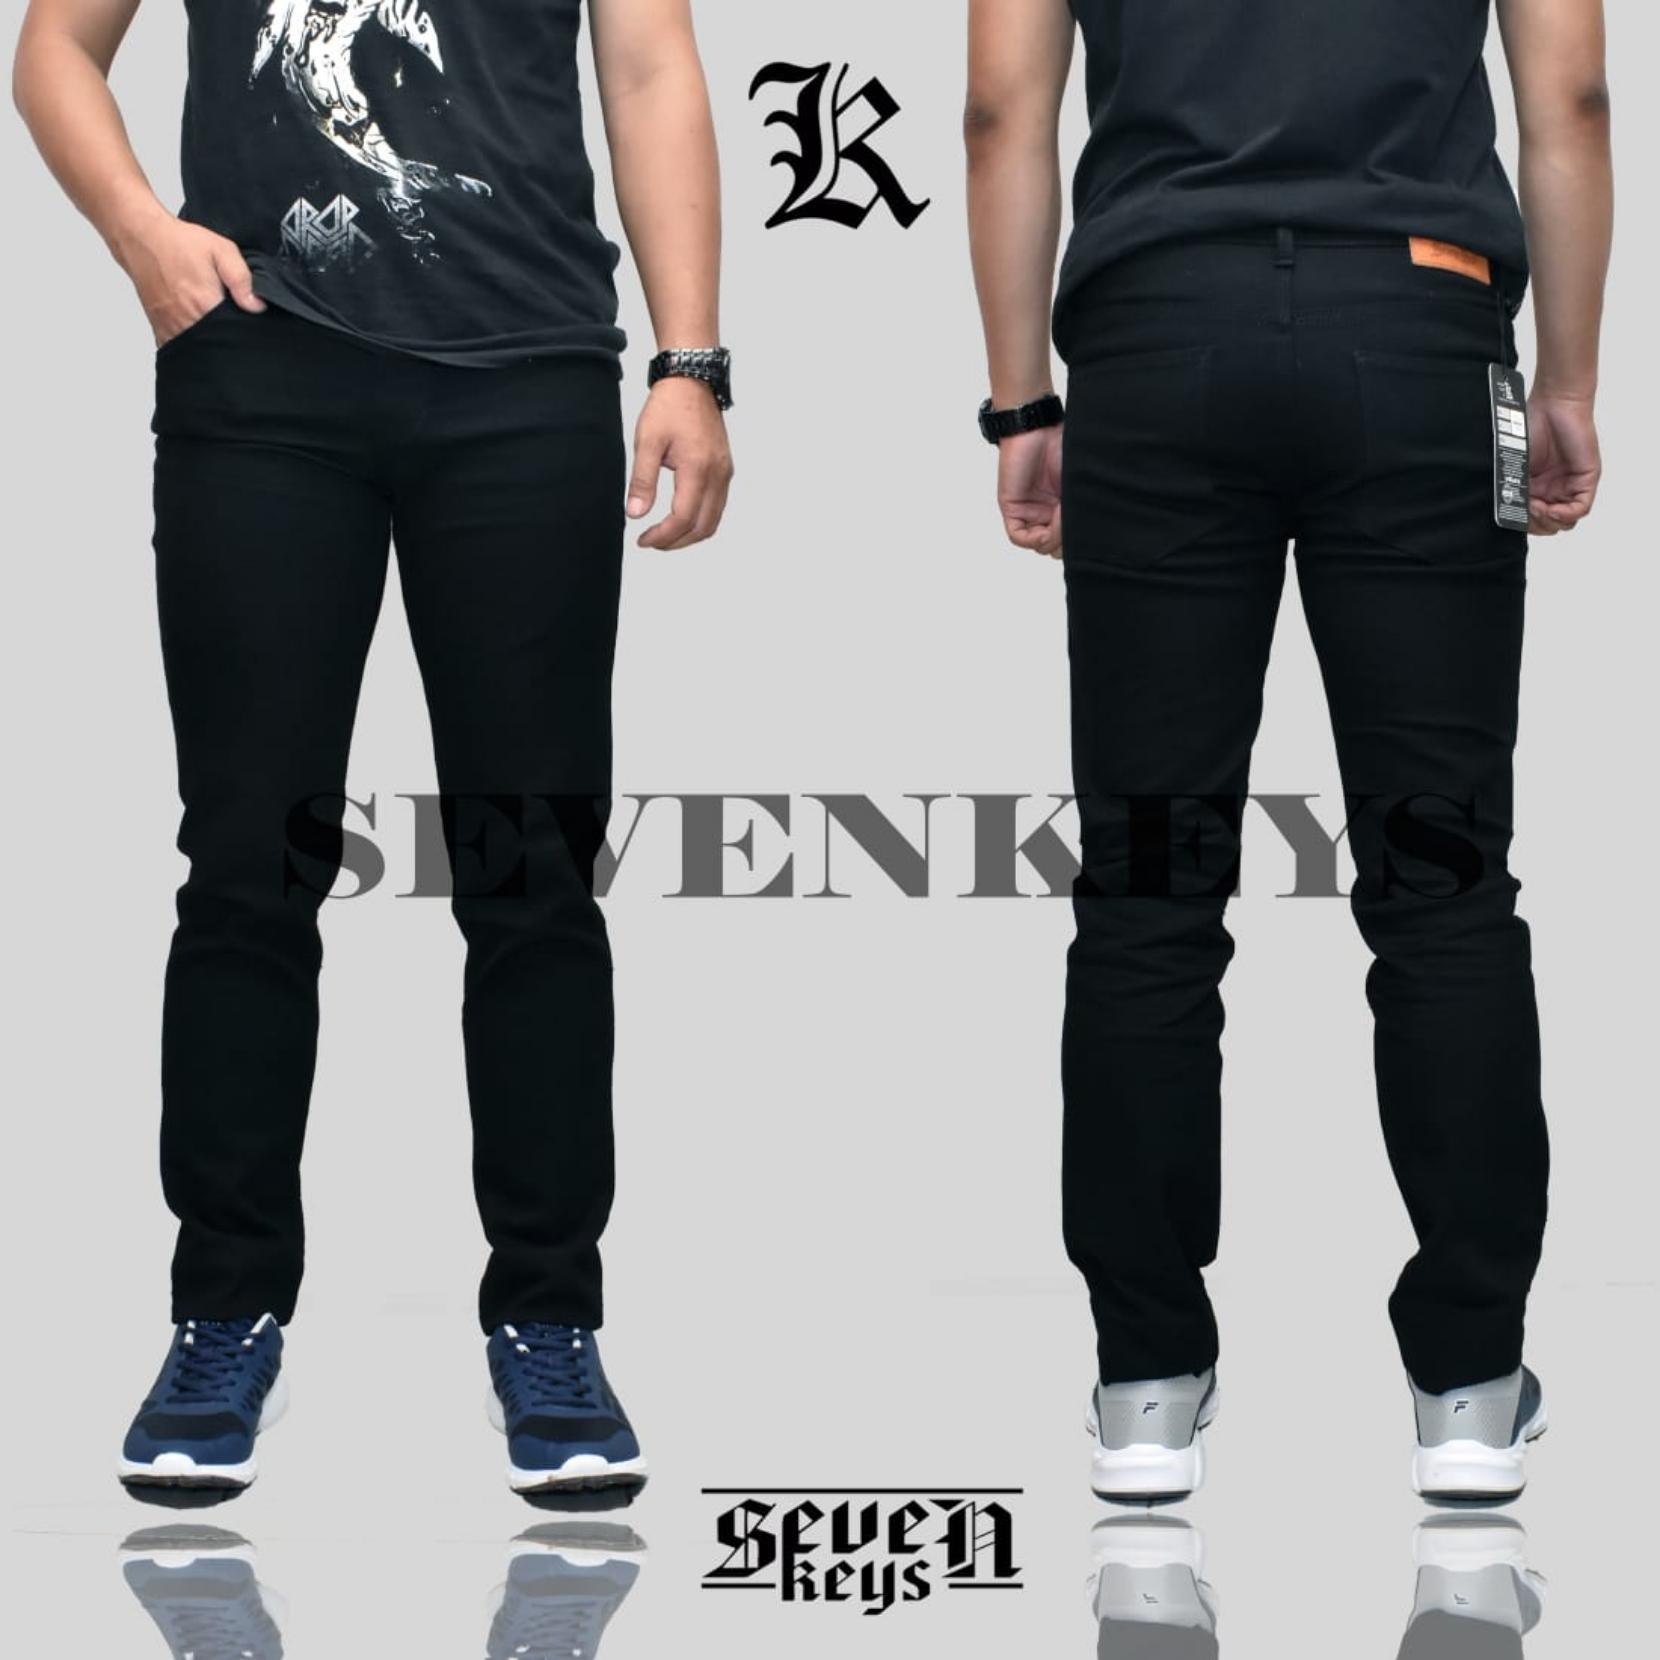 Celana jeans pria skiny   slimfit pria sevenkeys 8da67dd6ec